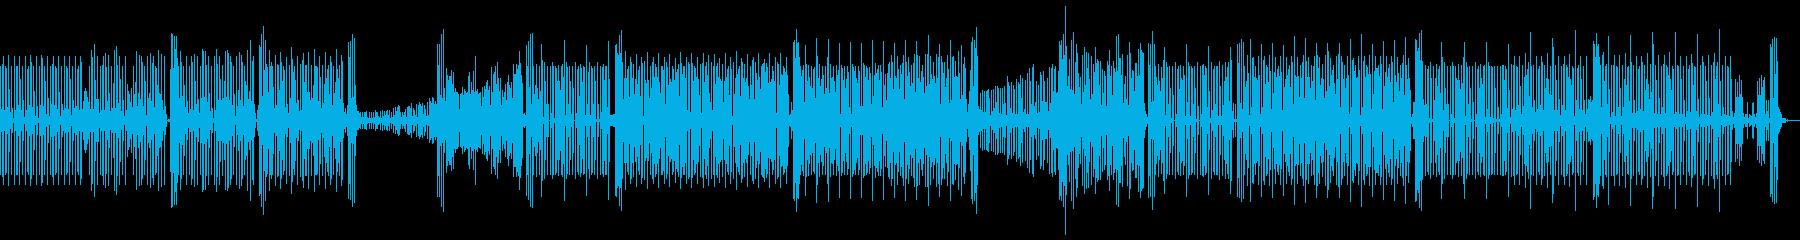 ハウスポップ。キャッチーな歌、陽気...の再生済みの波形